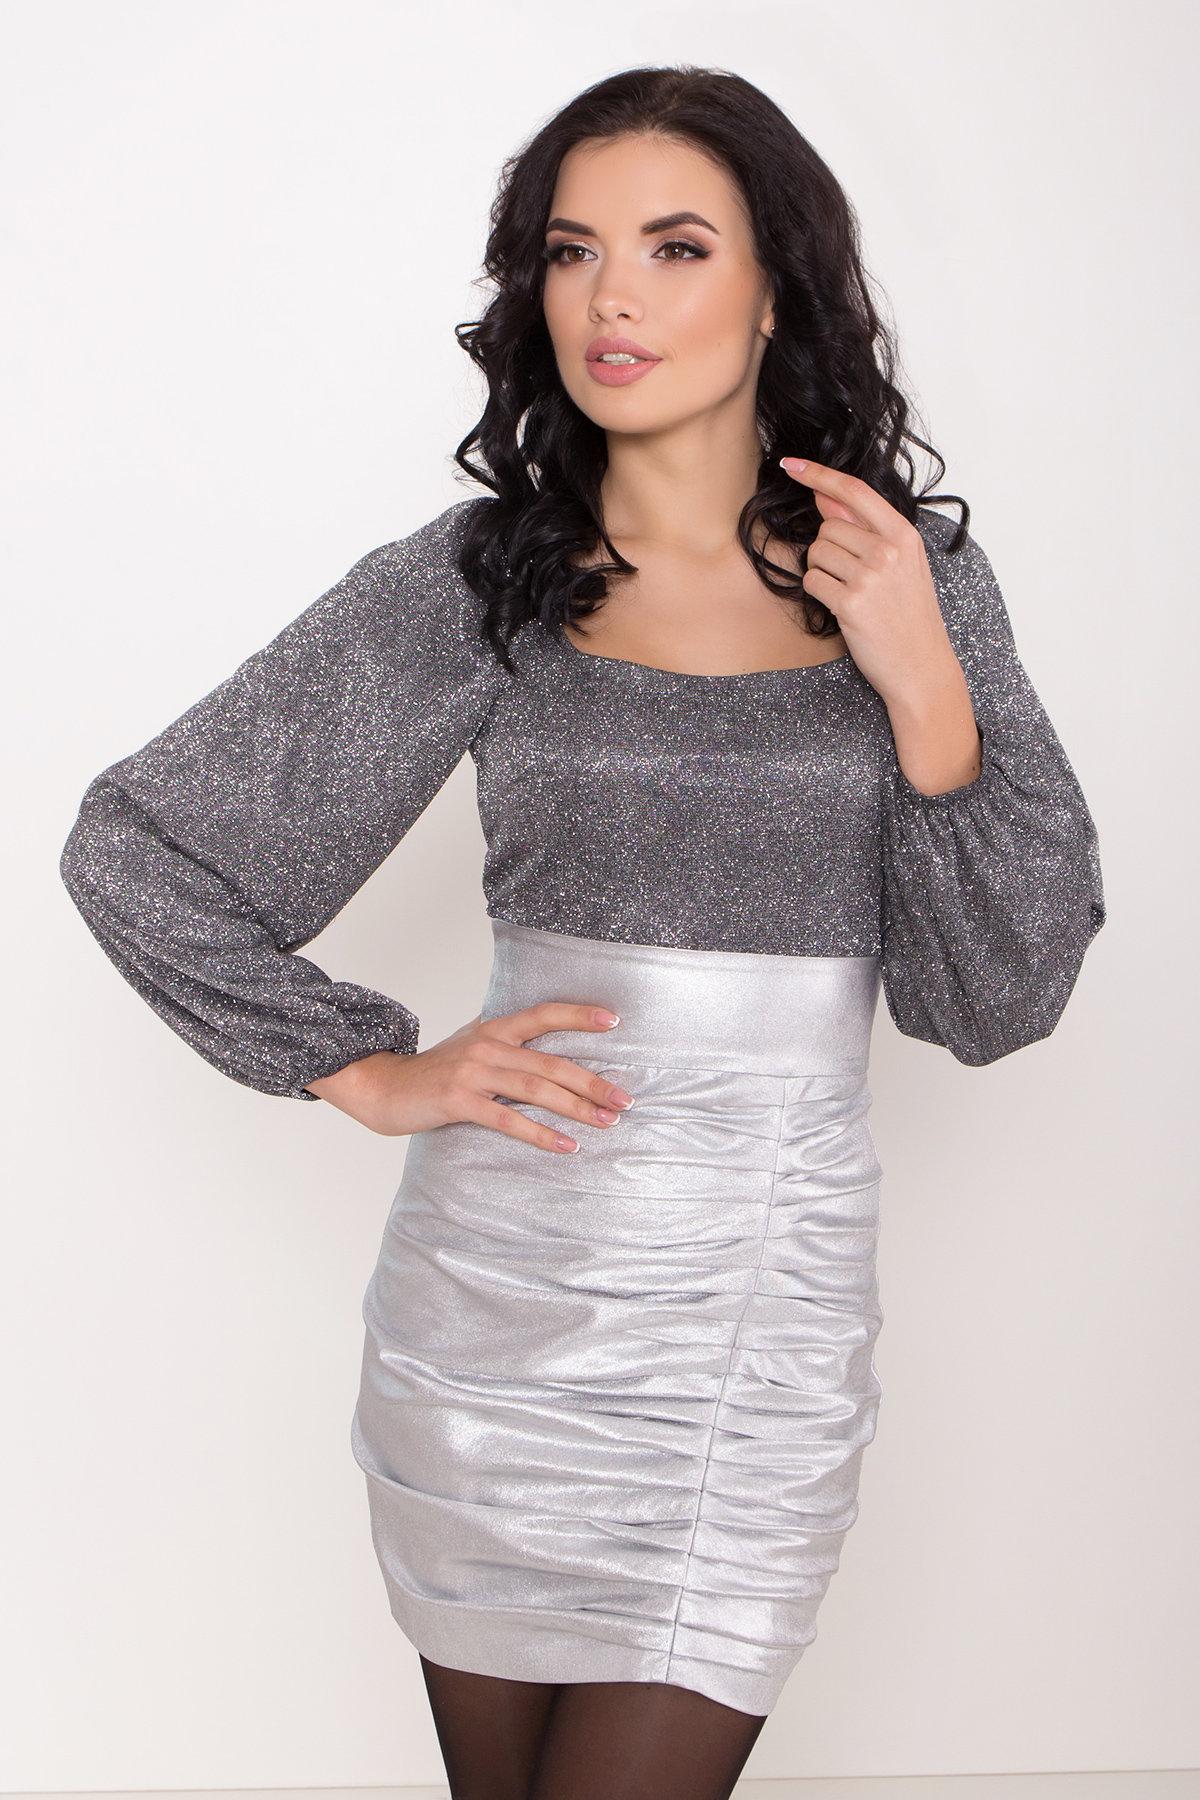 Платье с драпировкой Линси 8534 АРТ. 44973 Цвет: Серебро 2 - фото 3, интернет магазин tm-modus.ru